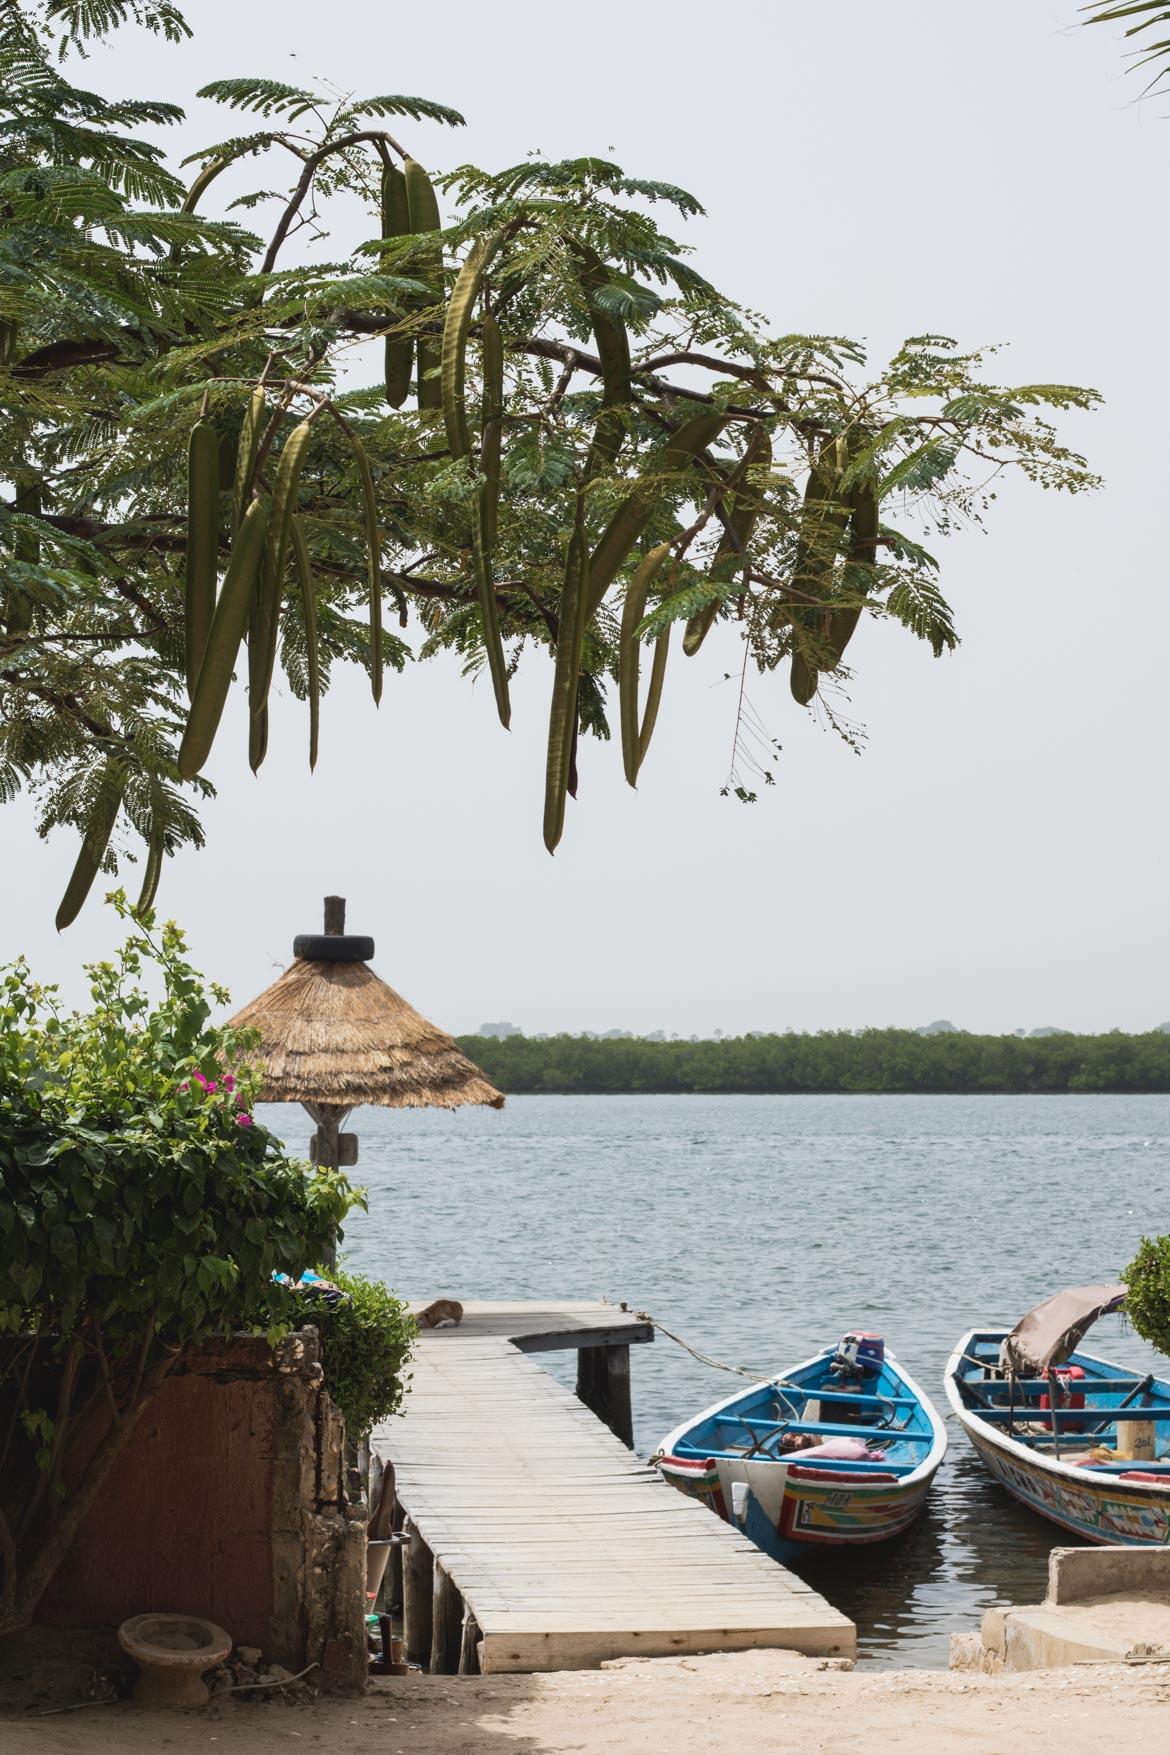 une semaine au senegal decouverte parc national Saloum iles